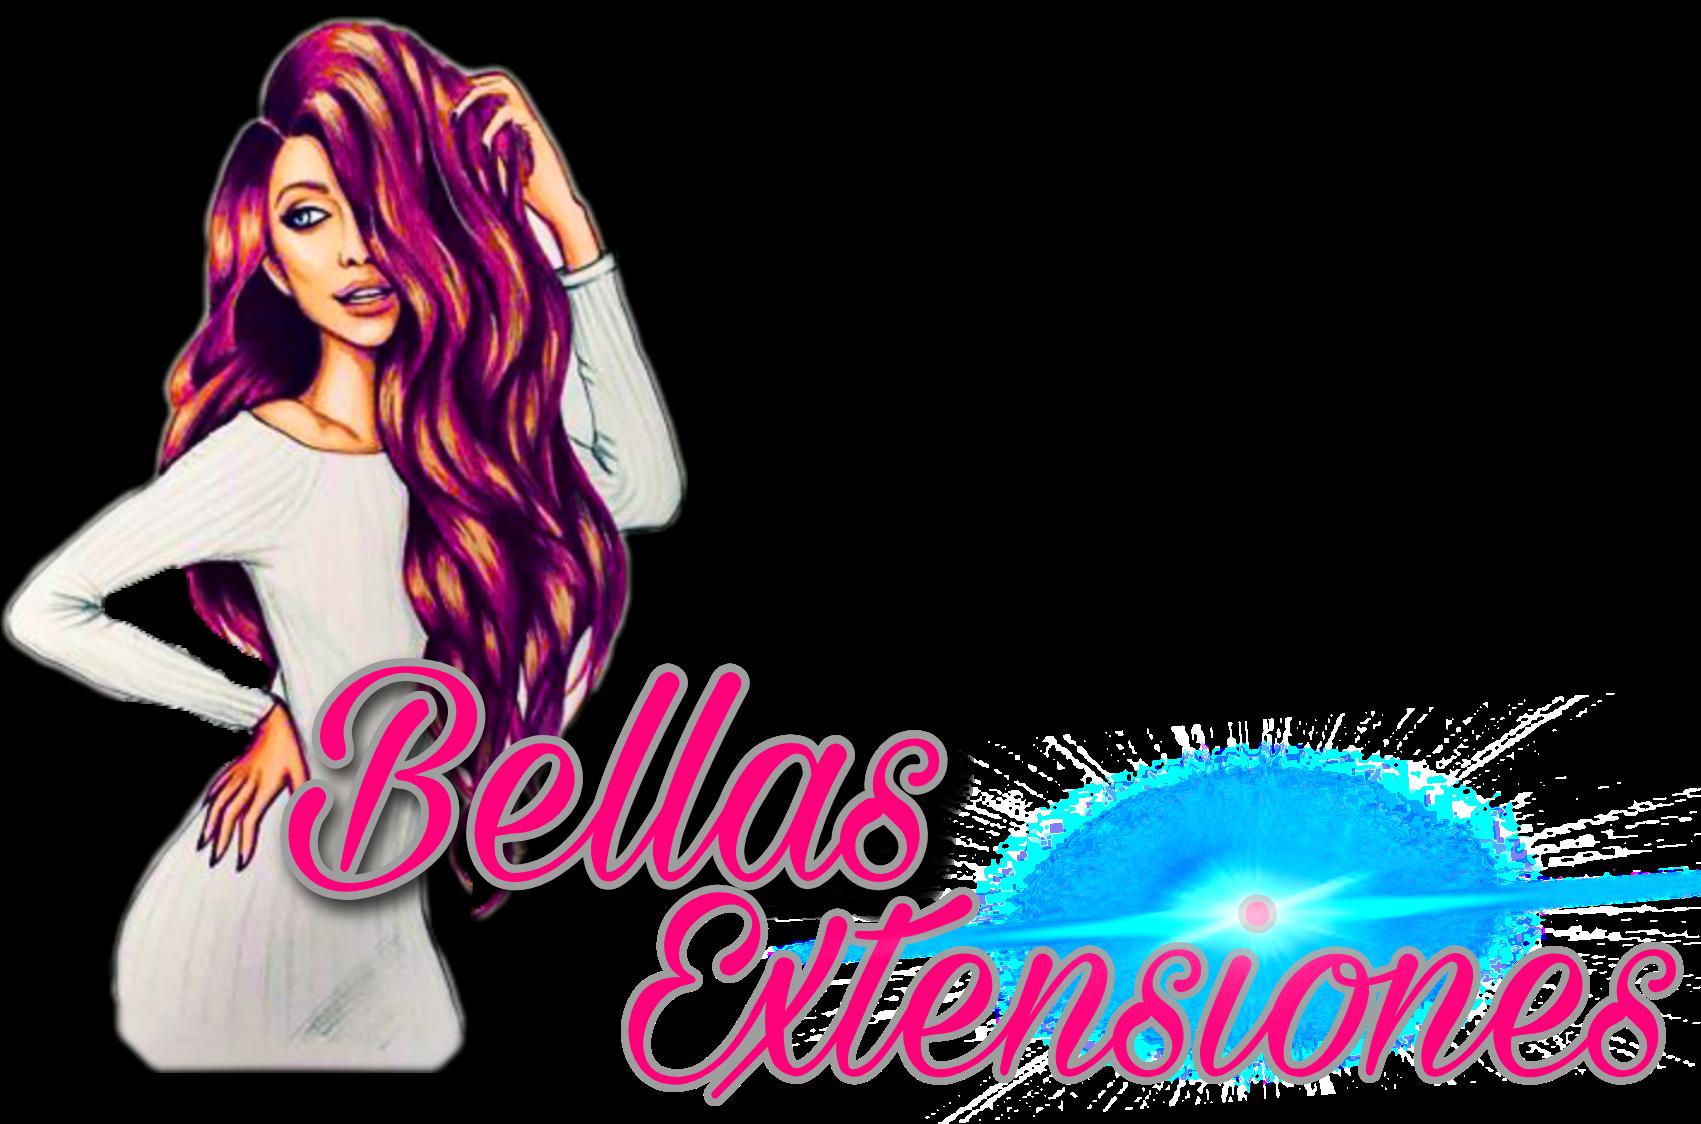 Bellas Extensiones